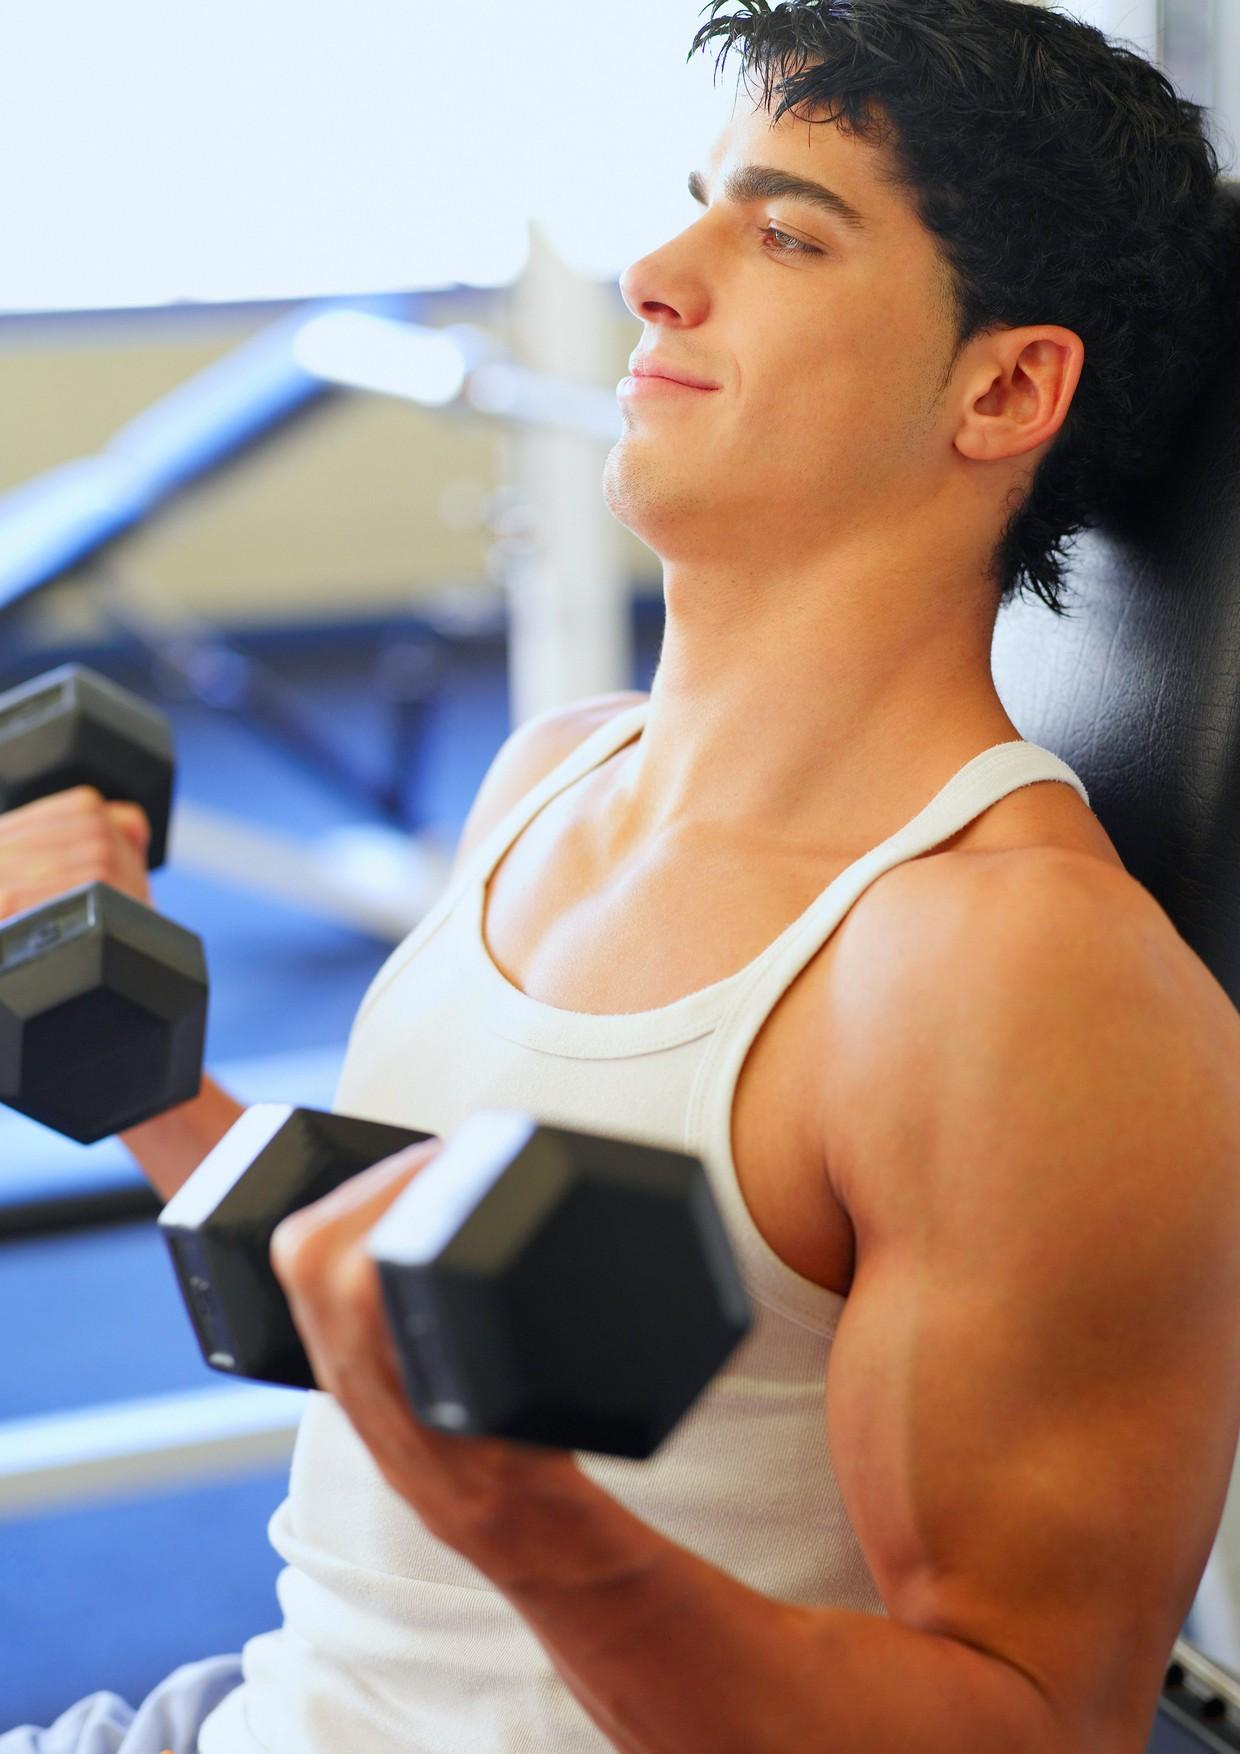 testosterone-libido-attrazione-sessuale-donne-uomo-impotenza-palestra-pesi-ginnastica-attivitc3a0-fisica